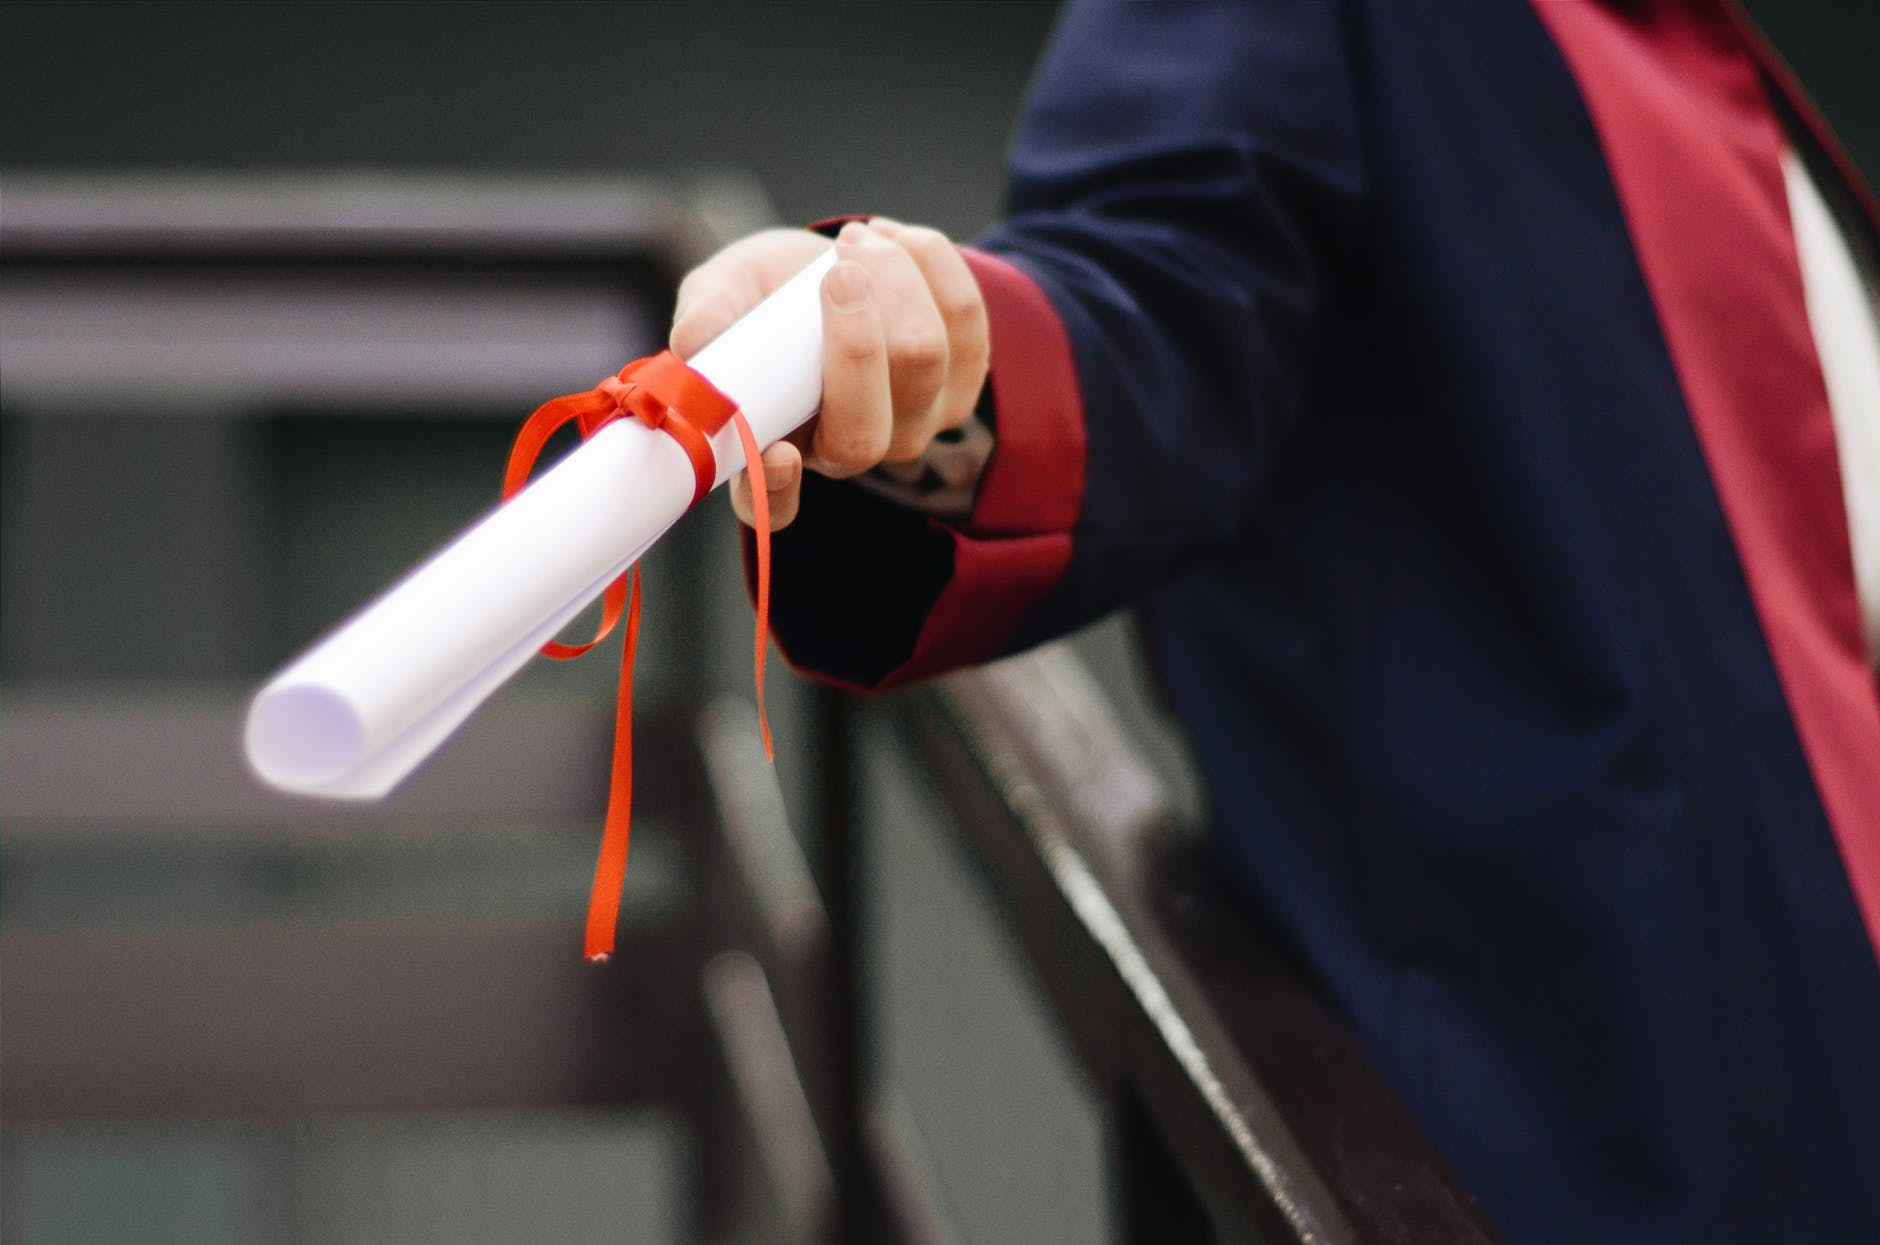 Le diplôme est-il toujours aussi important pendant un recrutement ?